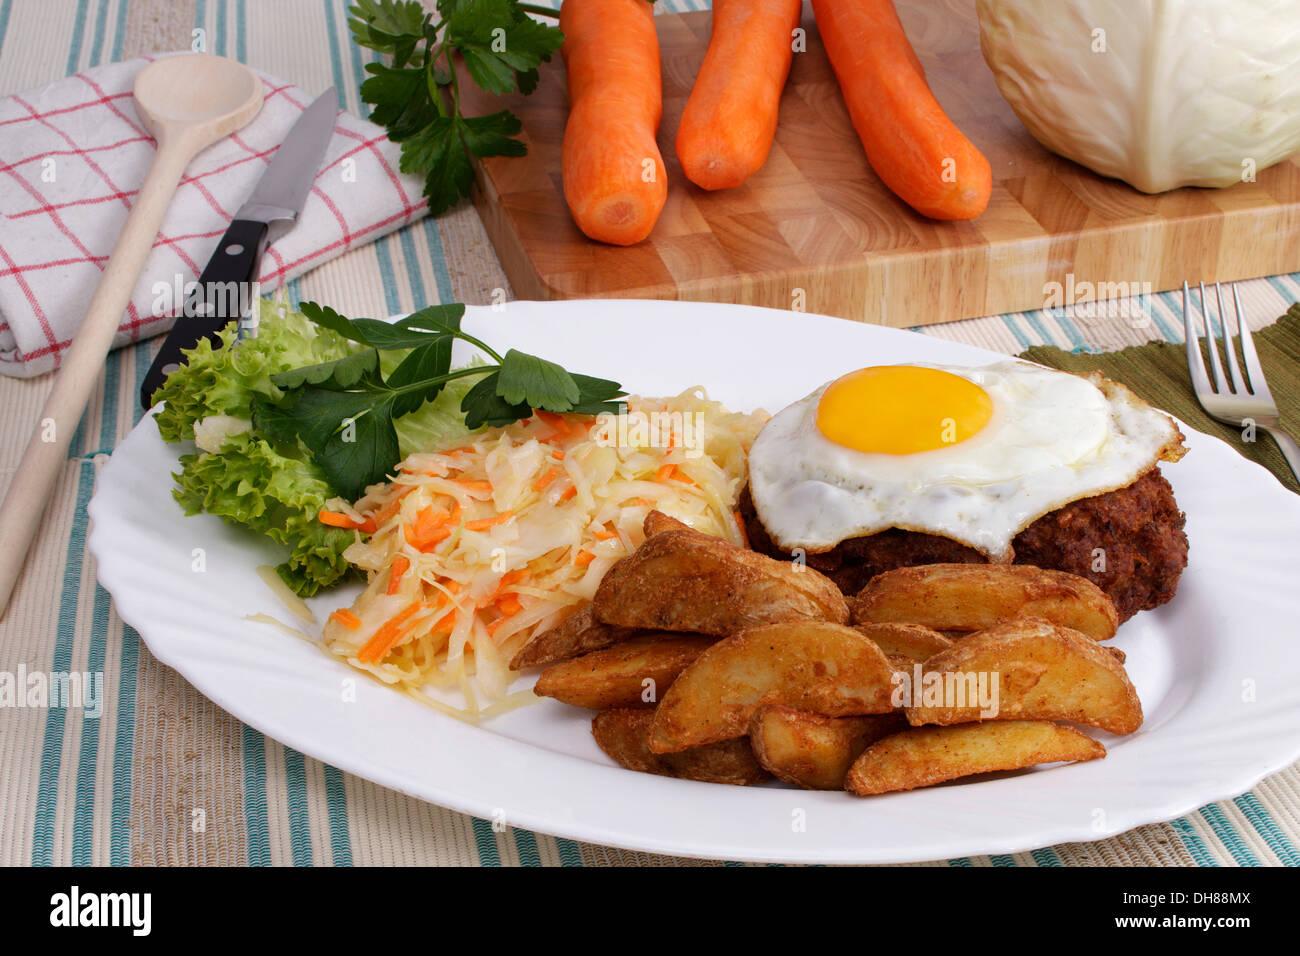 Bauern Fleisch Ball, Hamburger Steak, Spiegelei, baked Potatoe Wedges, Krautsalat, Karotten, Weißkohl und Blattpetersilie auf Stockbild